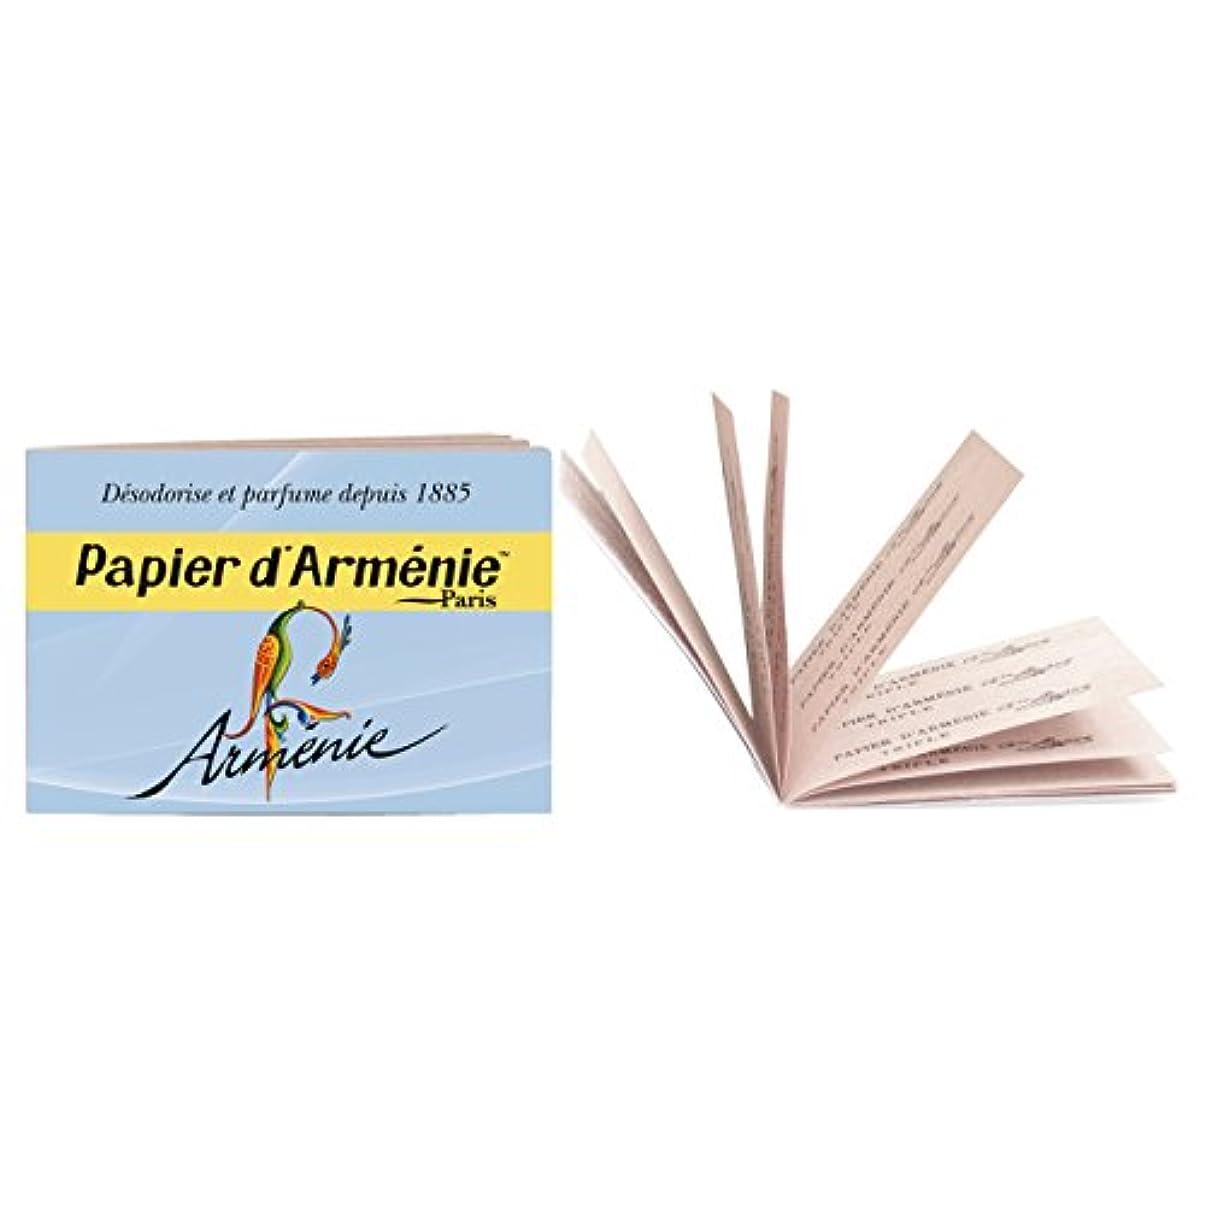 生産性裁量反対したパピエダルメニイ トリプル アルメニイ (紙のお香 3×12枚/36回分)